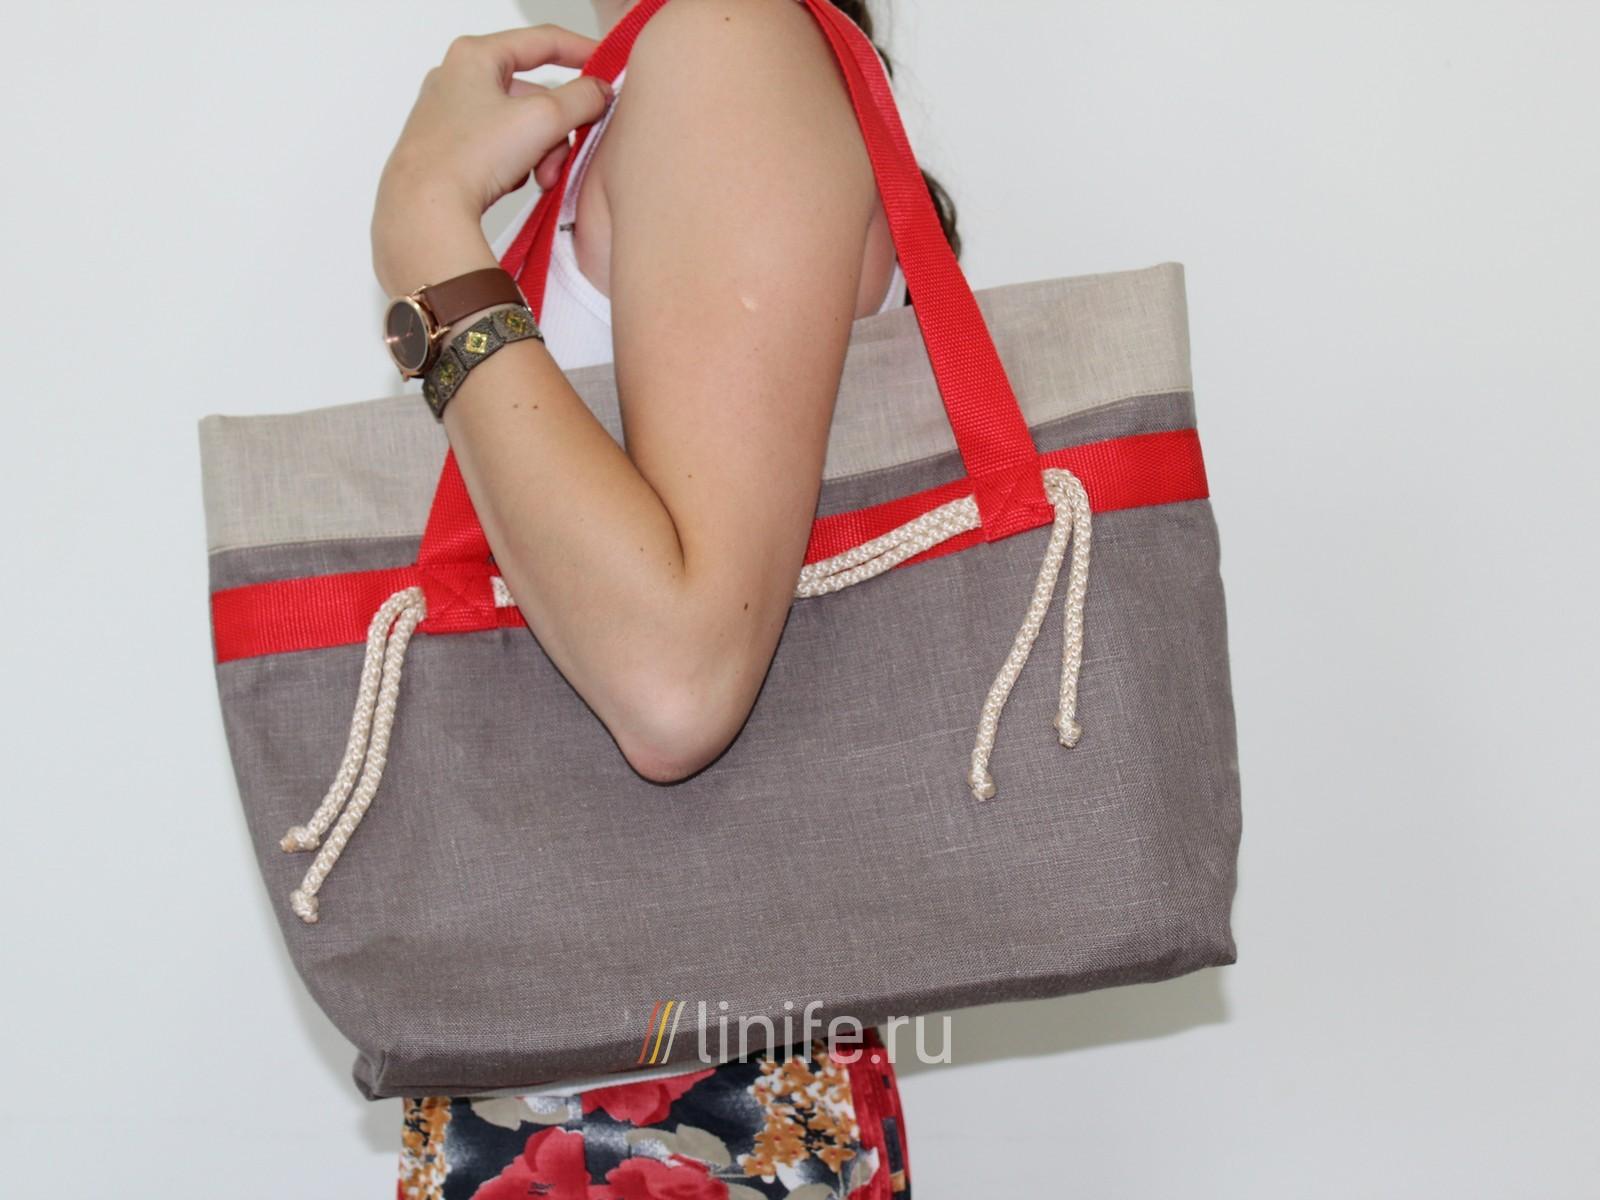 Льняная сумка своими руками